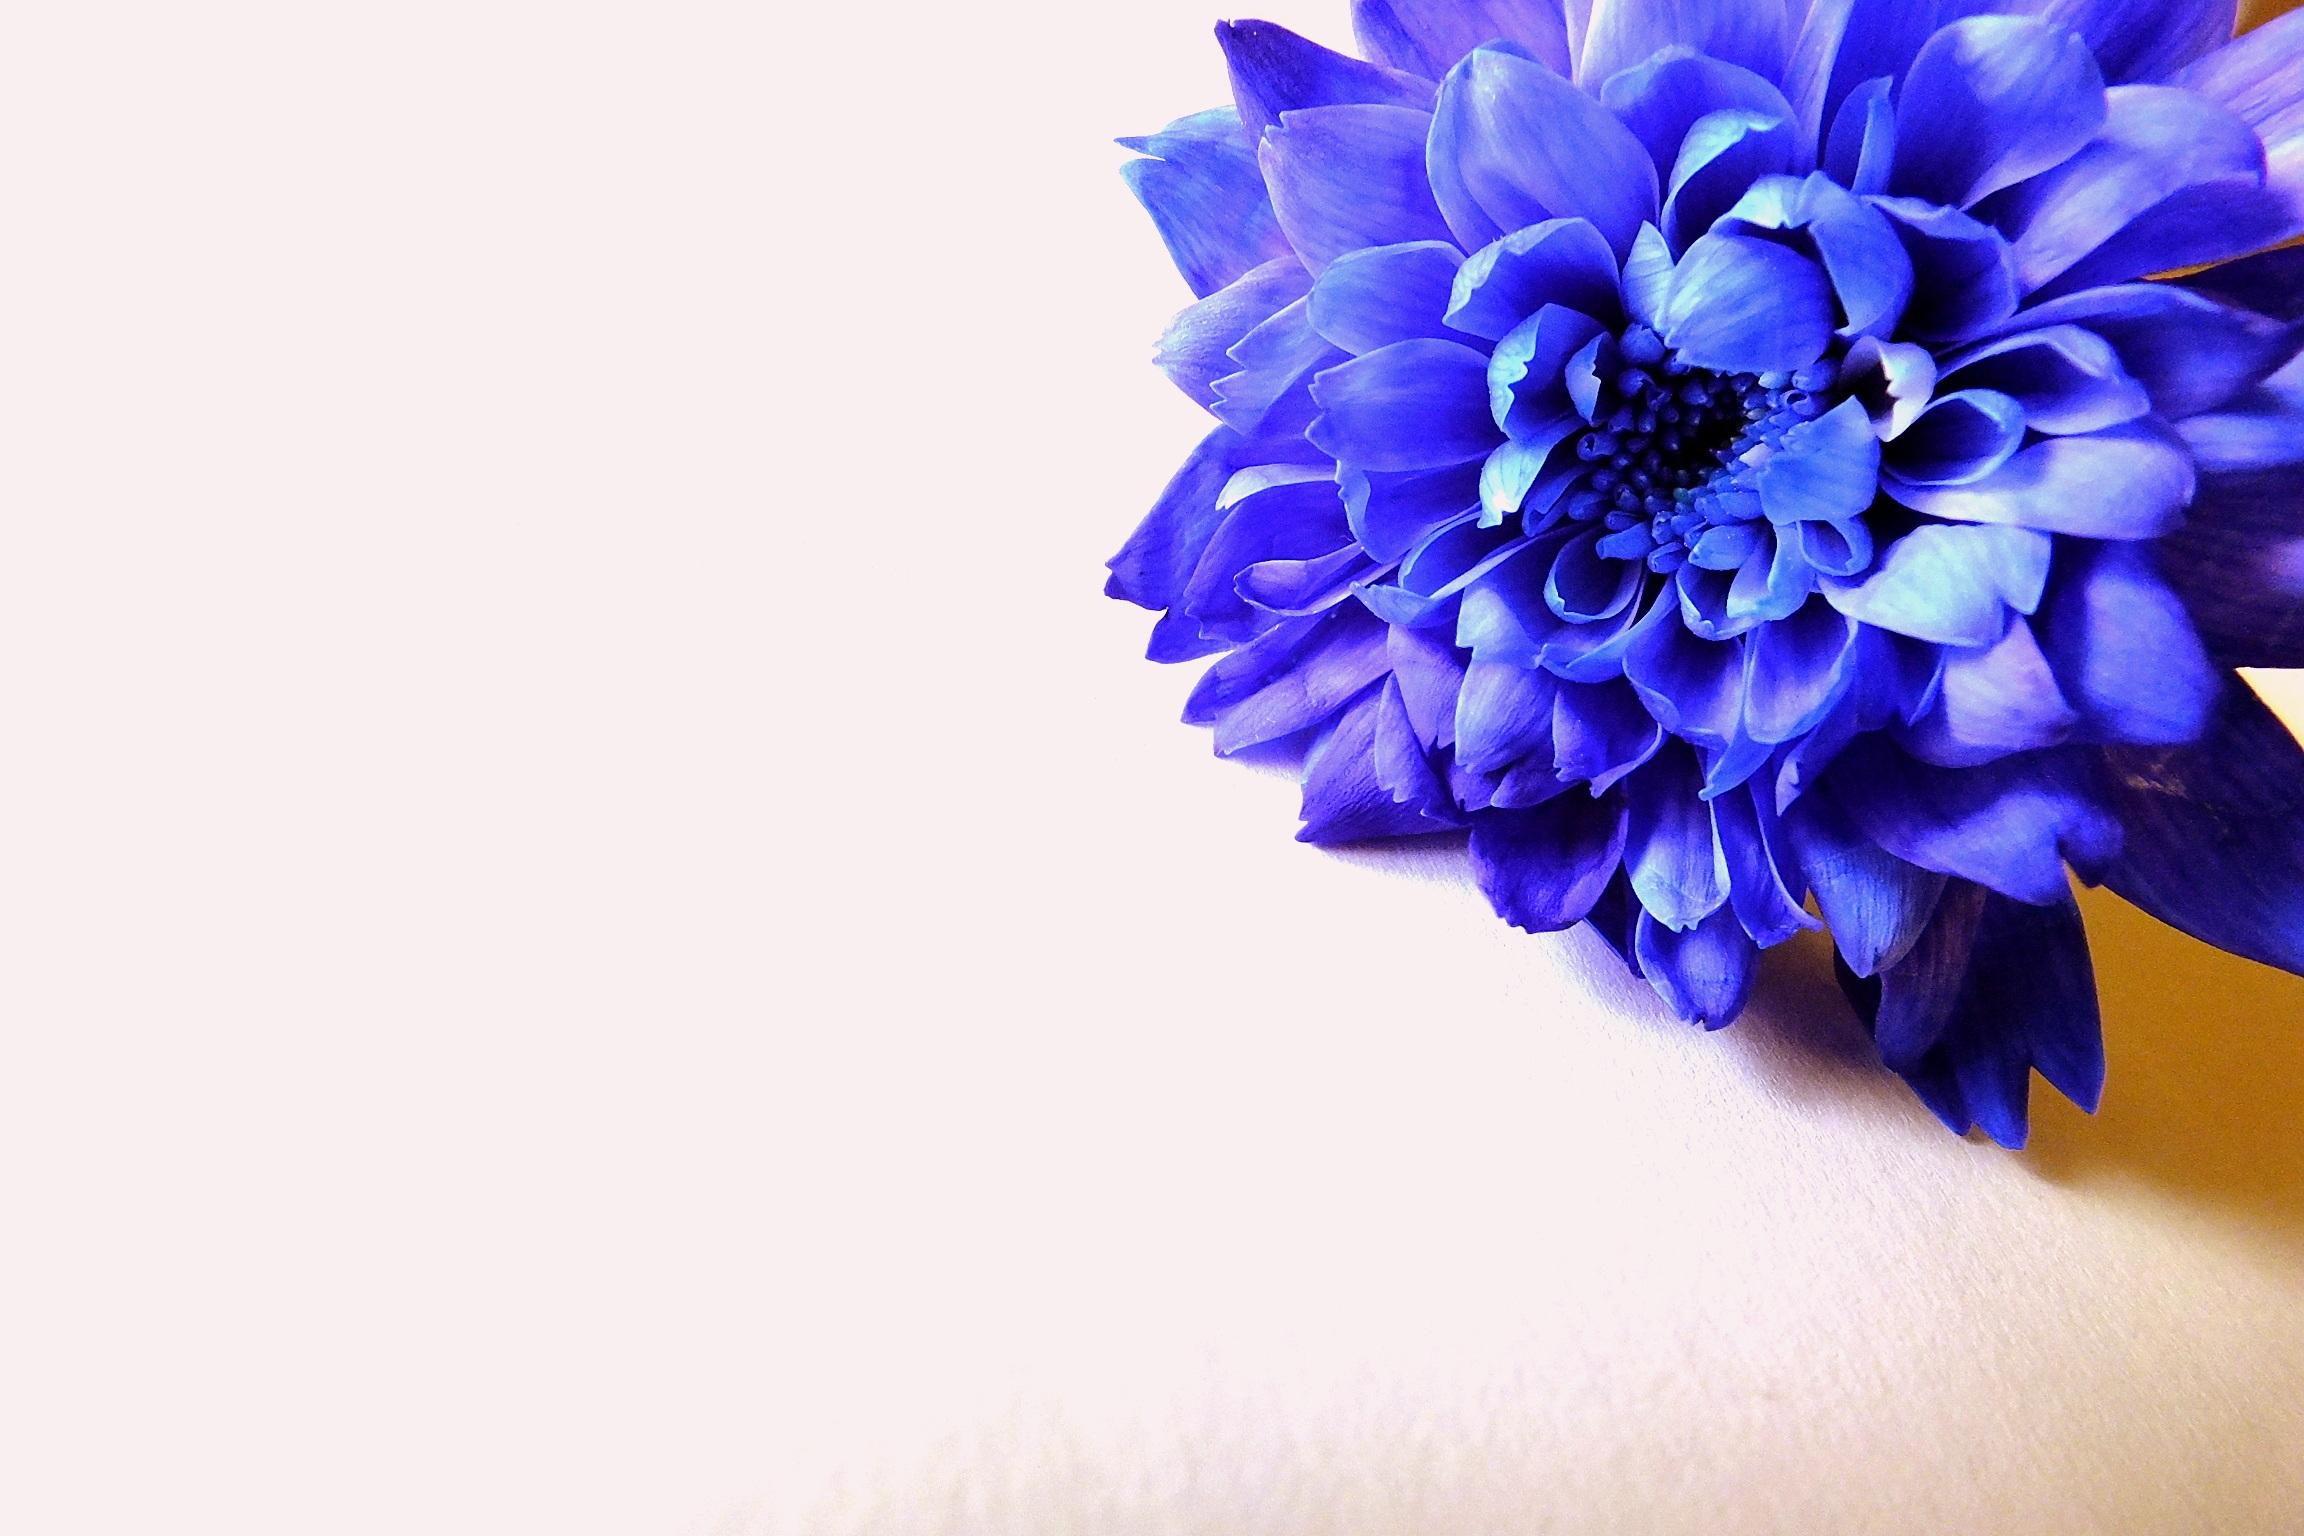 Gambar Alam Menanam Ungu Daun Bunga Biru Merapatkan Bunga